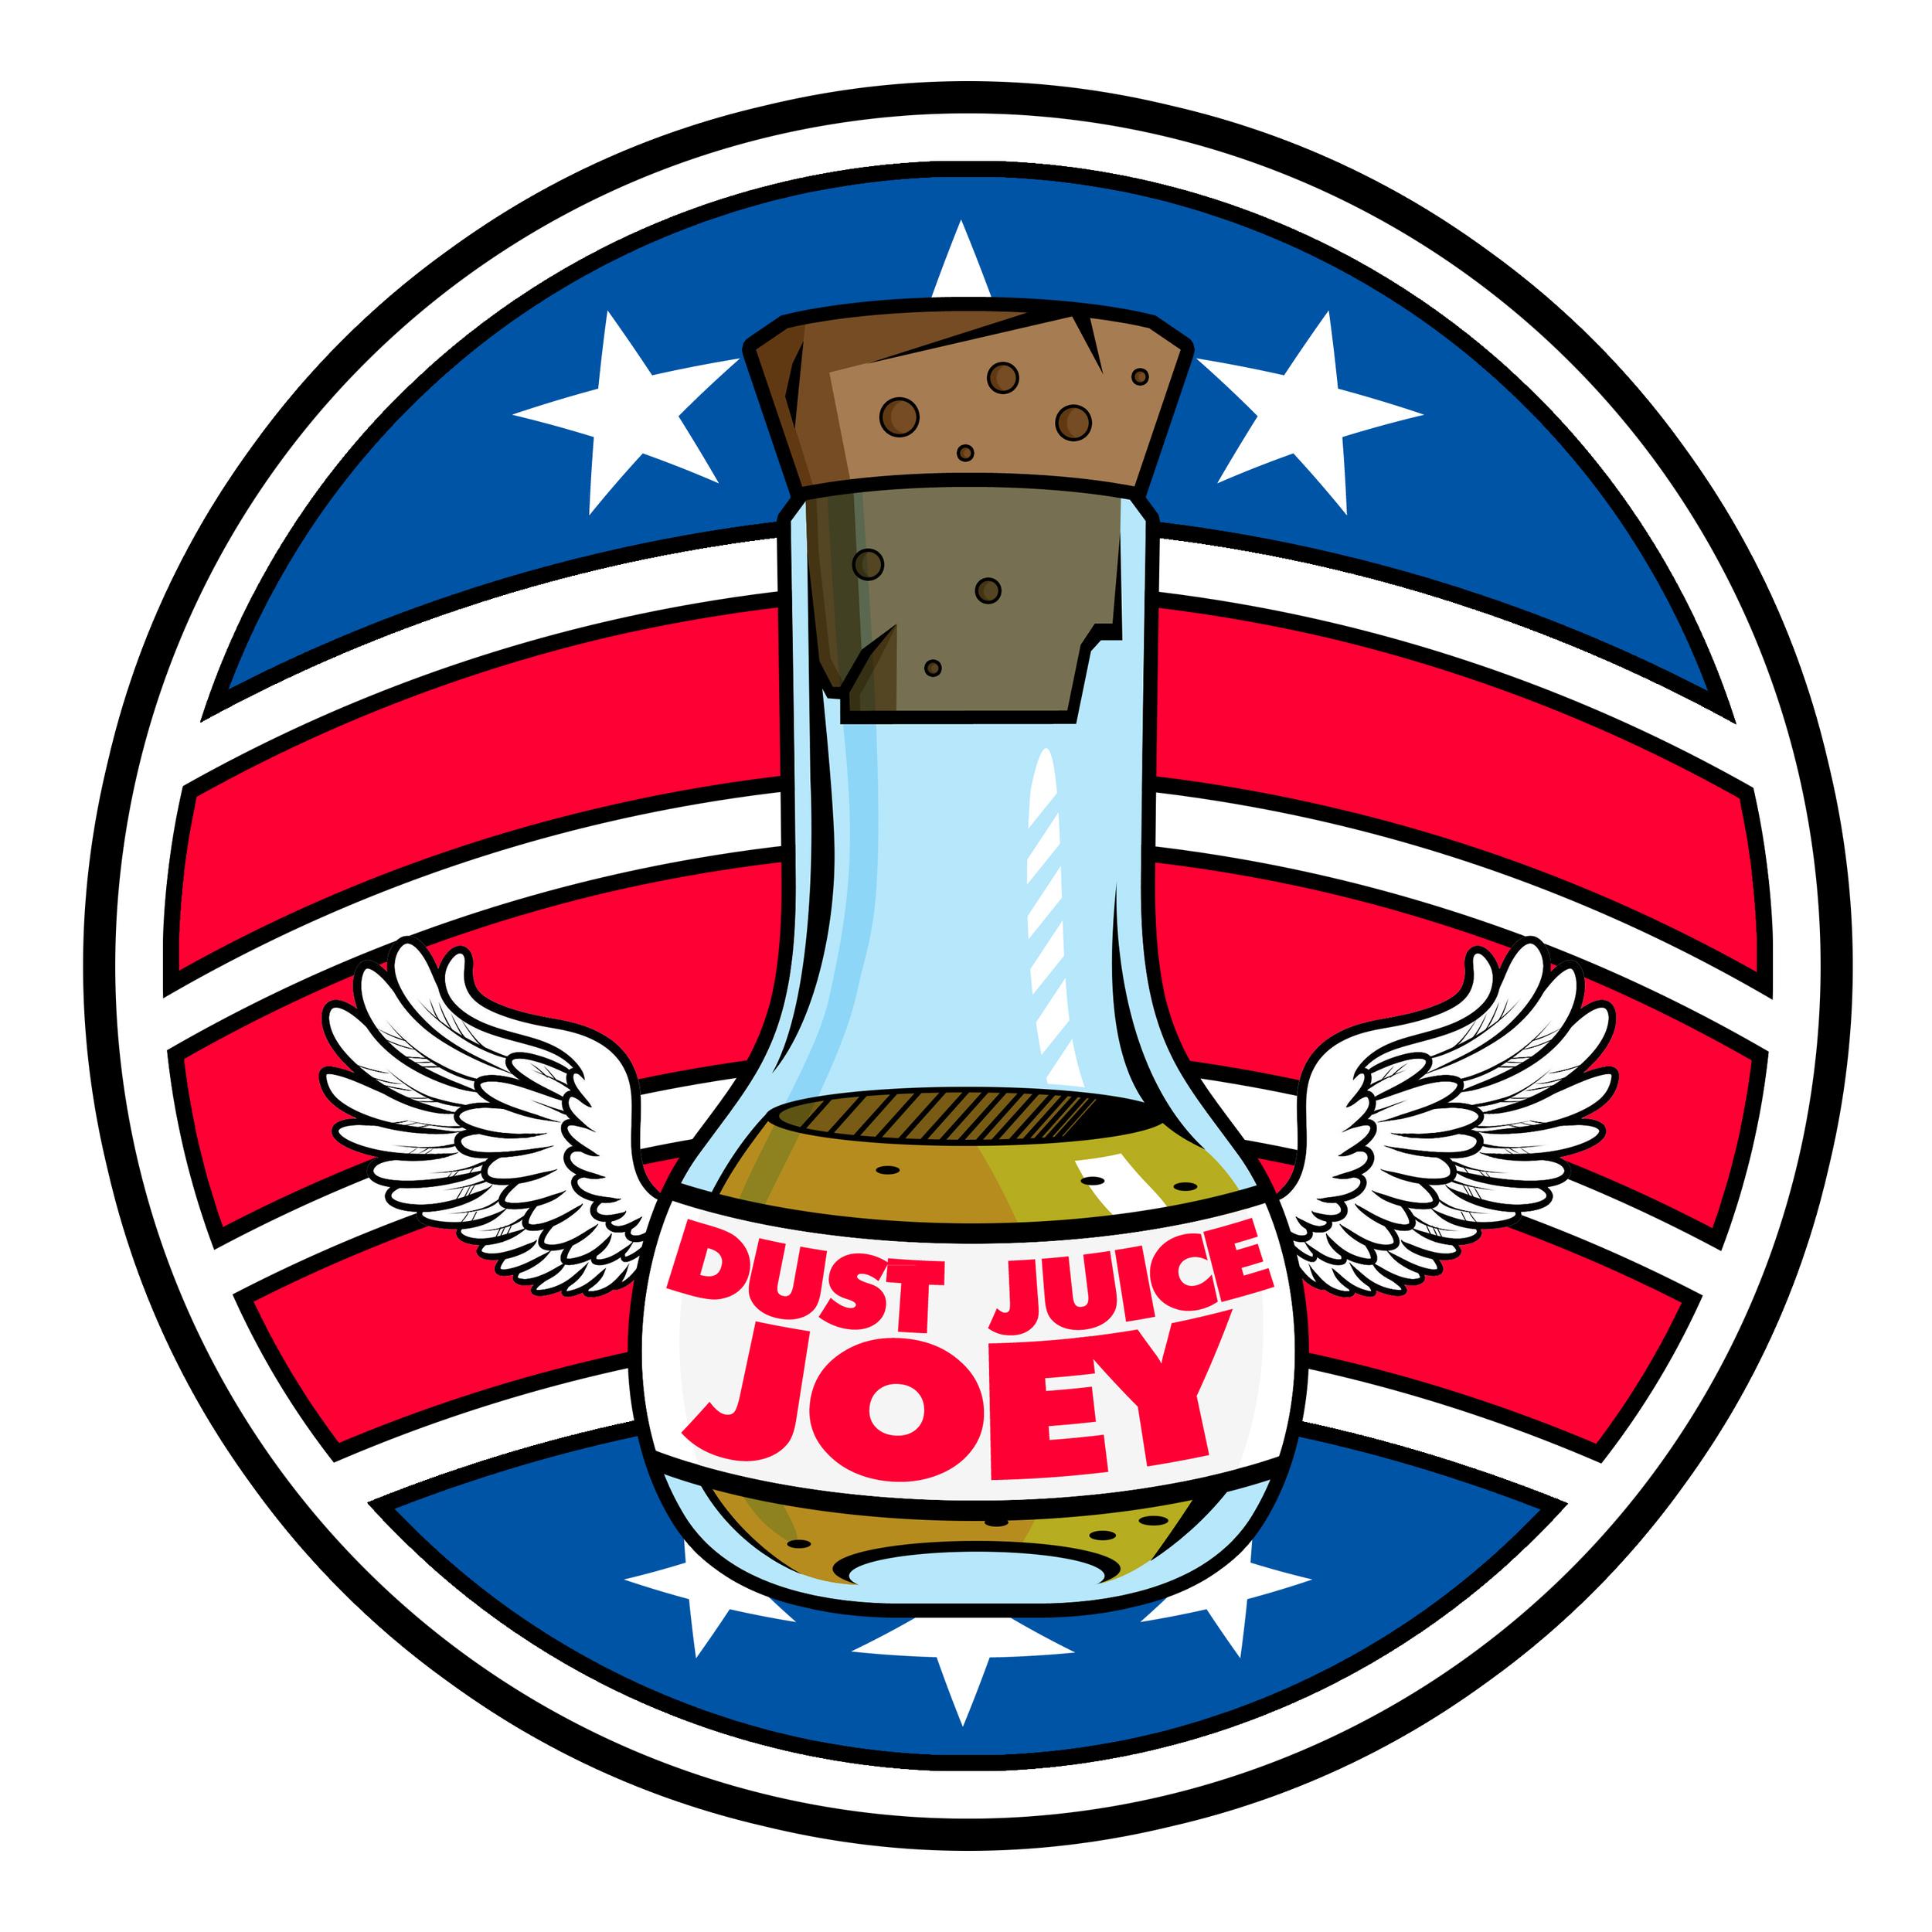 Dust Juice Joey